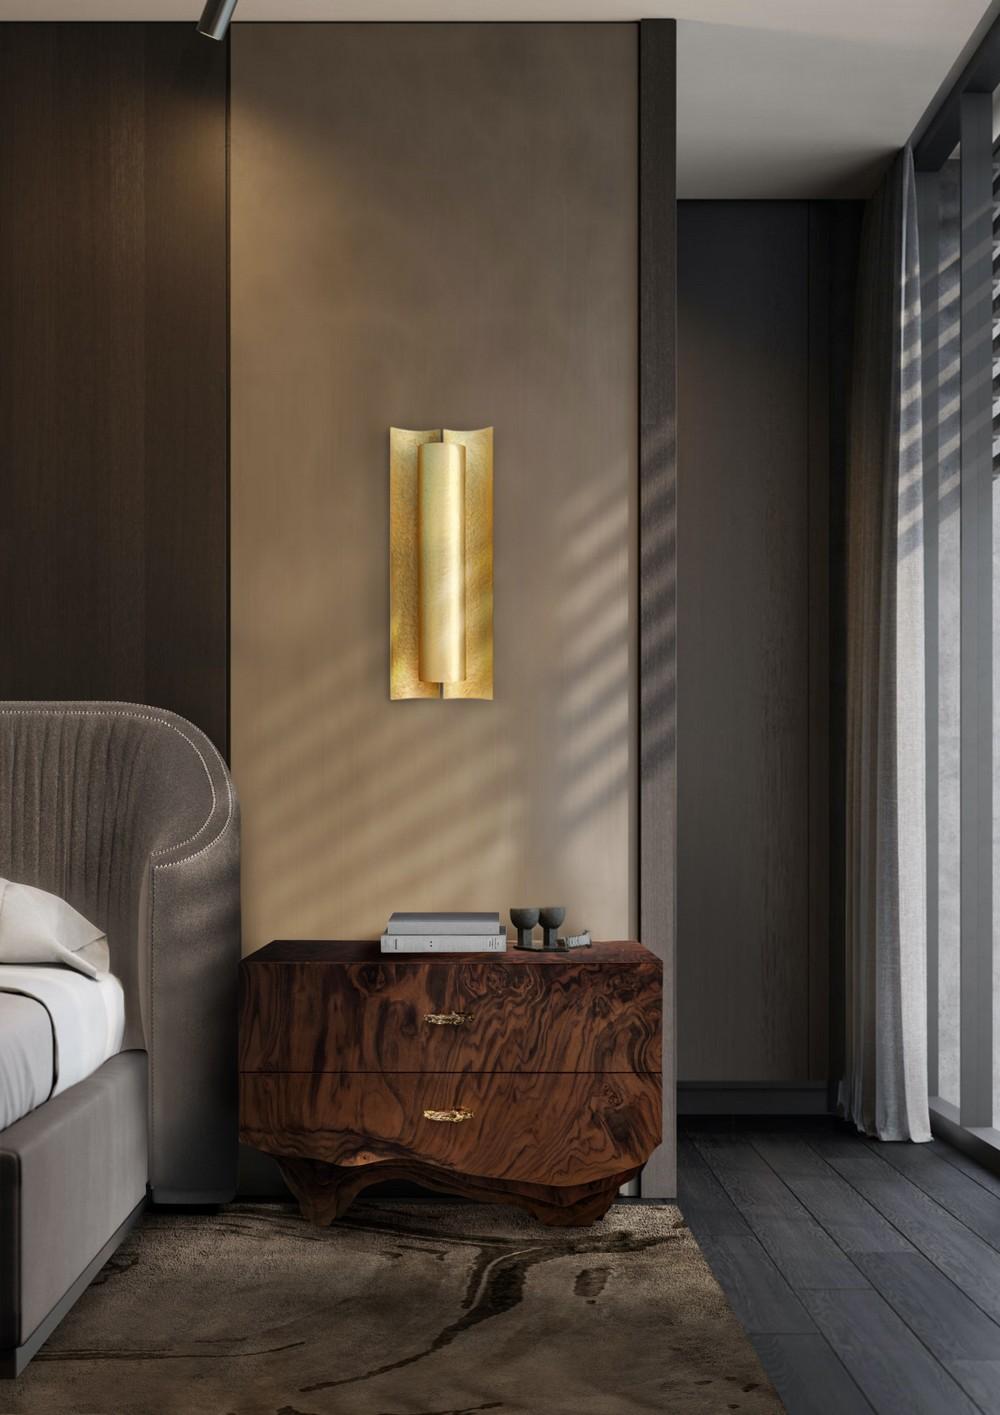 modern nightstands 26 Modern Nightstands for an Upgraded Bedroom Decor 25 Modern Nightstands for an Upgraded Bedroom Decor 6